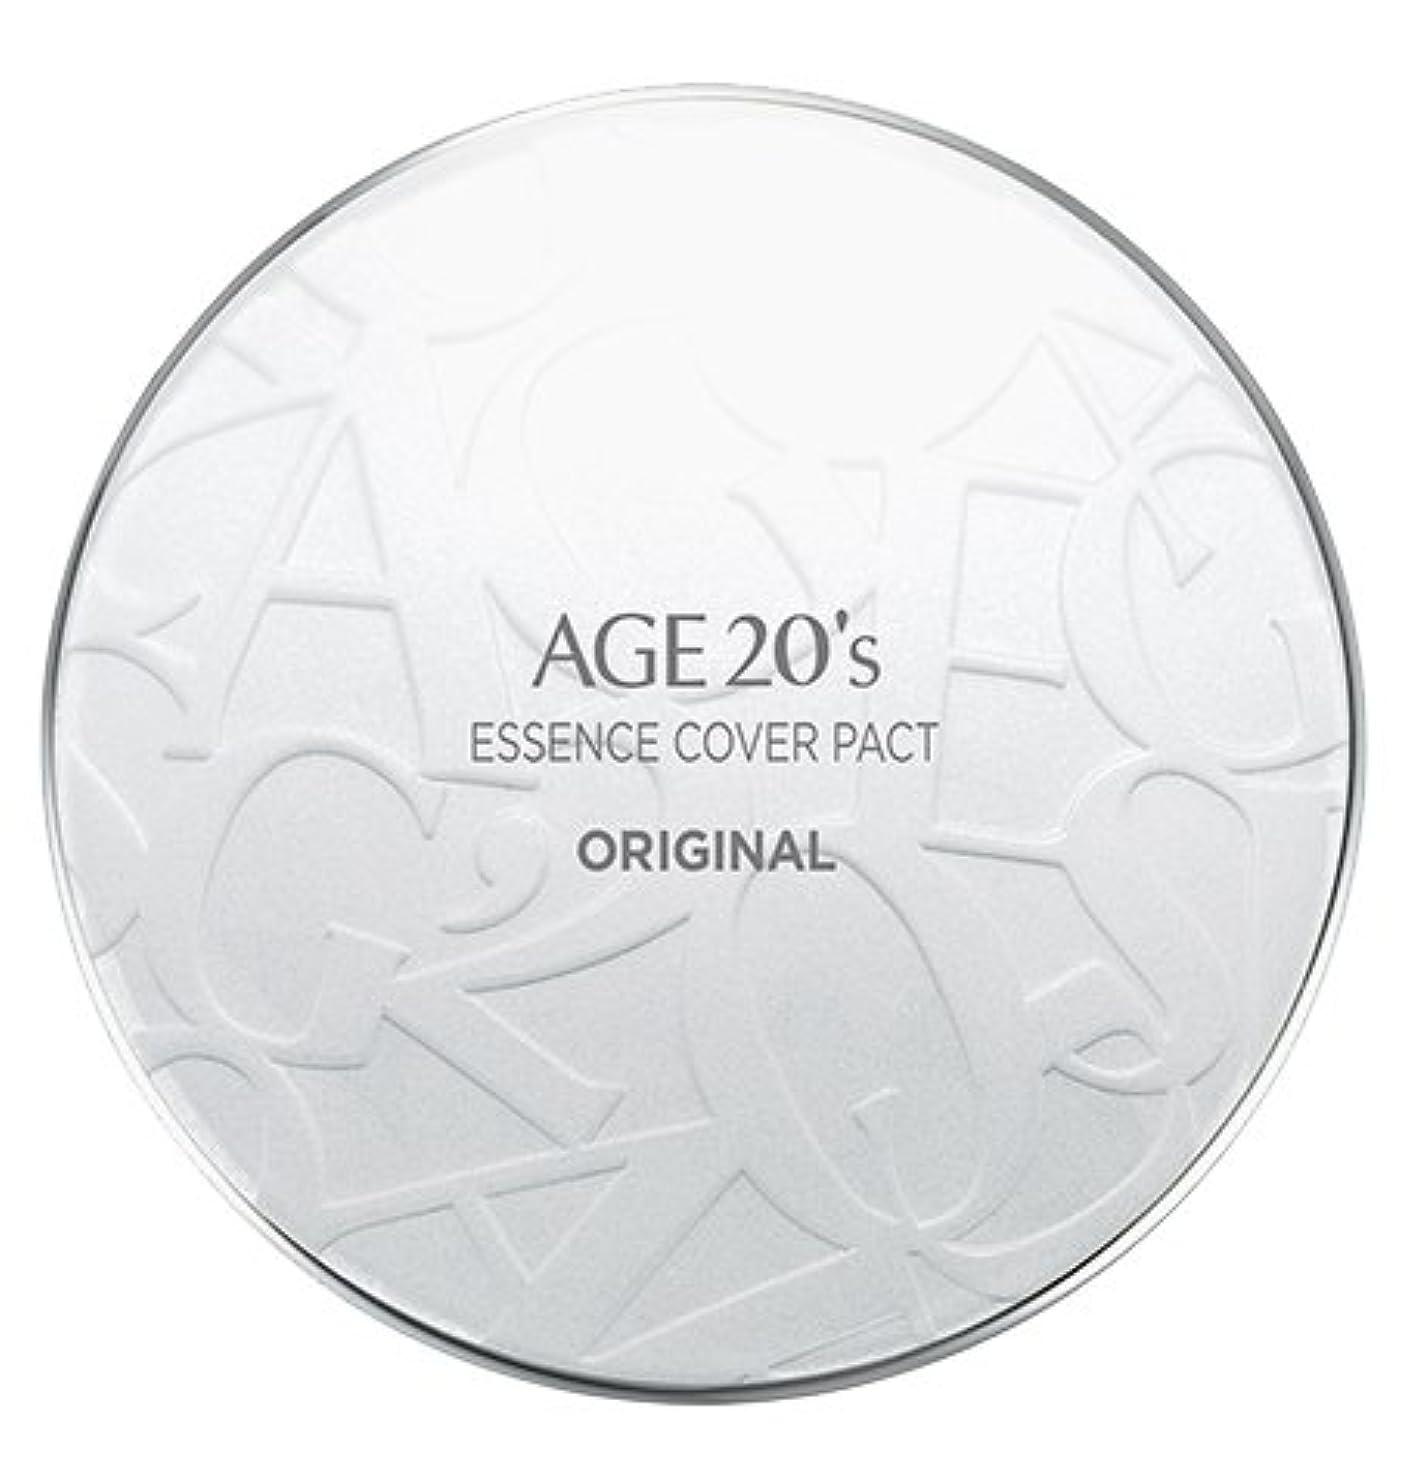 ジェスチャー真珠のような待ってAGE 20's Essence Cover Pact Original [White Latte] 12.5g + Refill 12.5g (#21)/エイジ 20's エッセンス カバー パクト オリジナル [ホワイトラテ] 12.5g + リフィル 12.5g (#21) [並行輸入品]